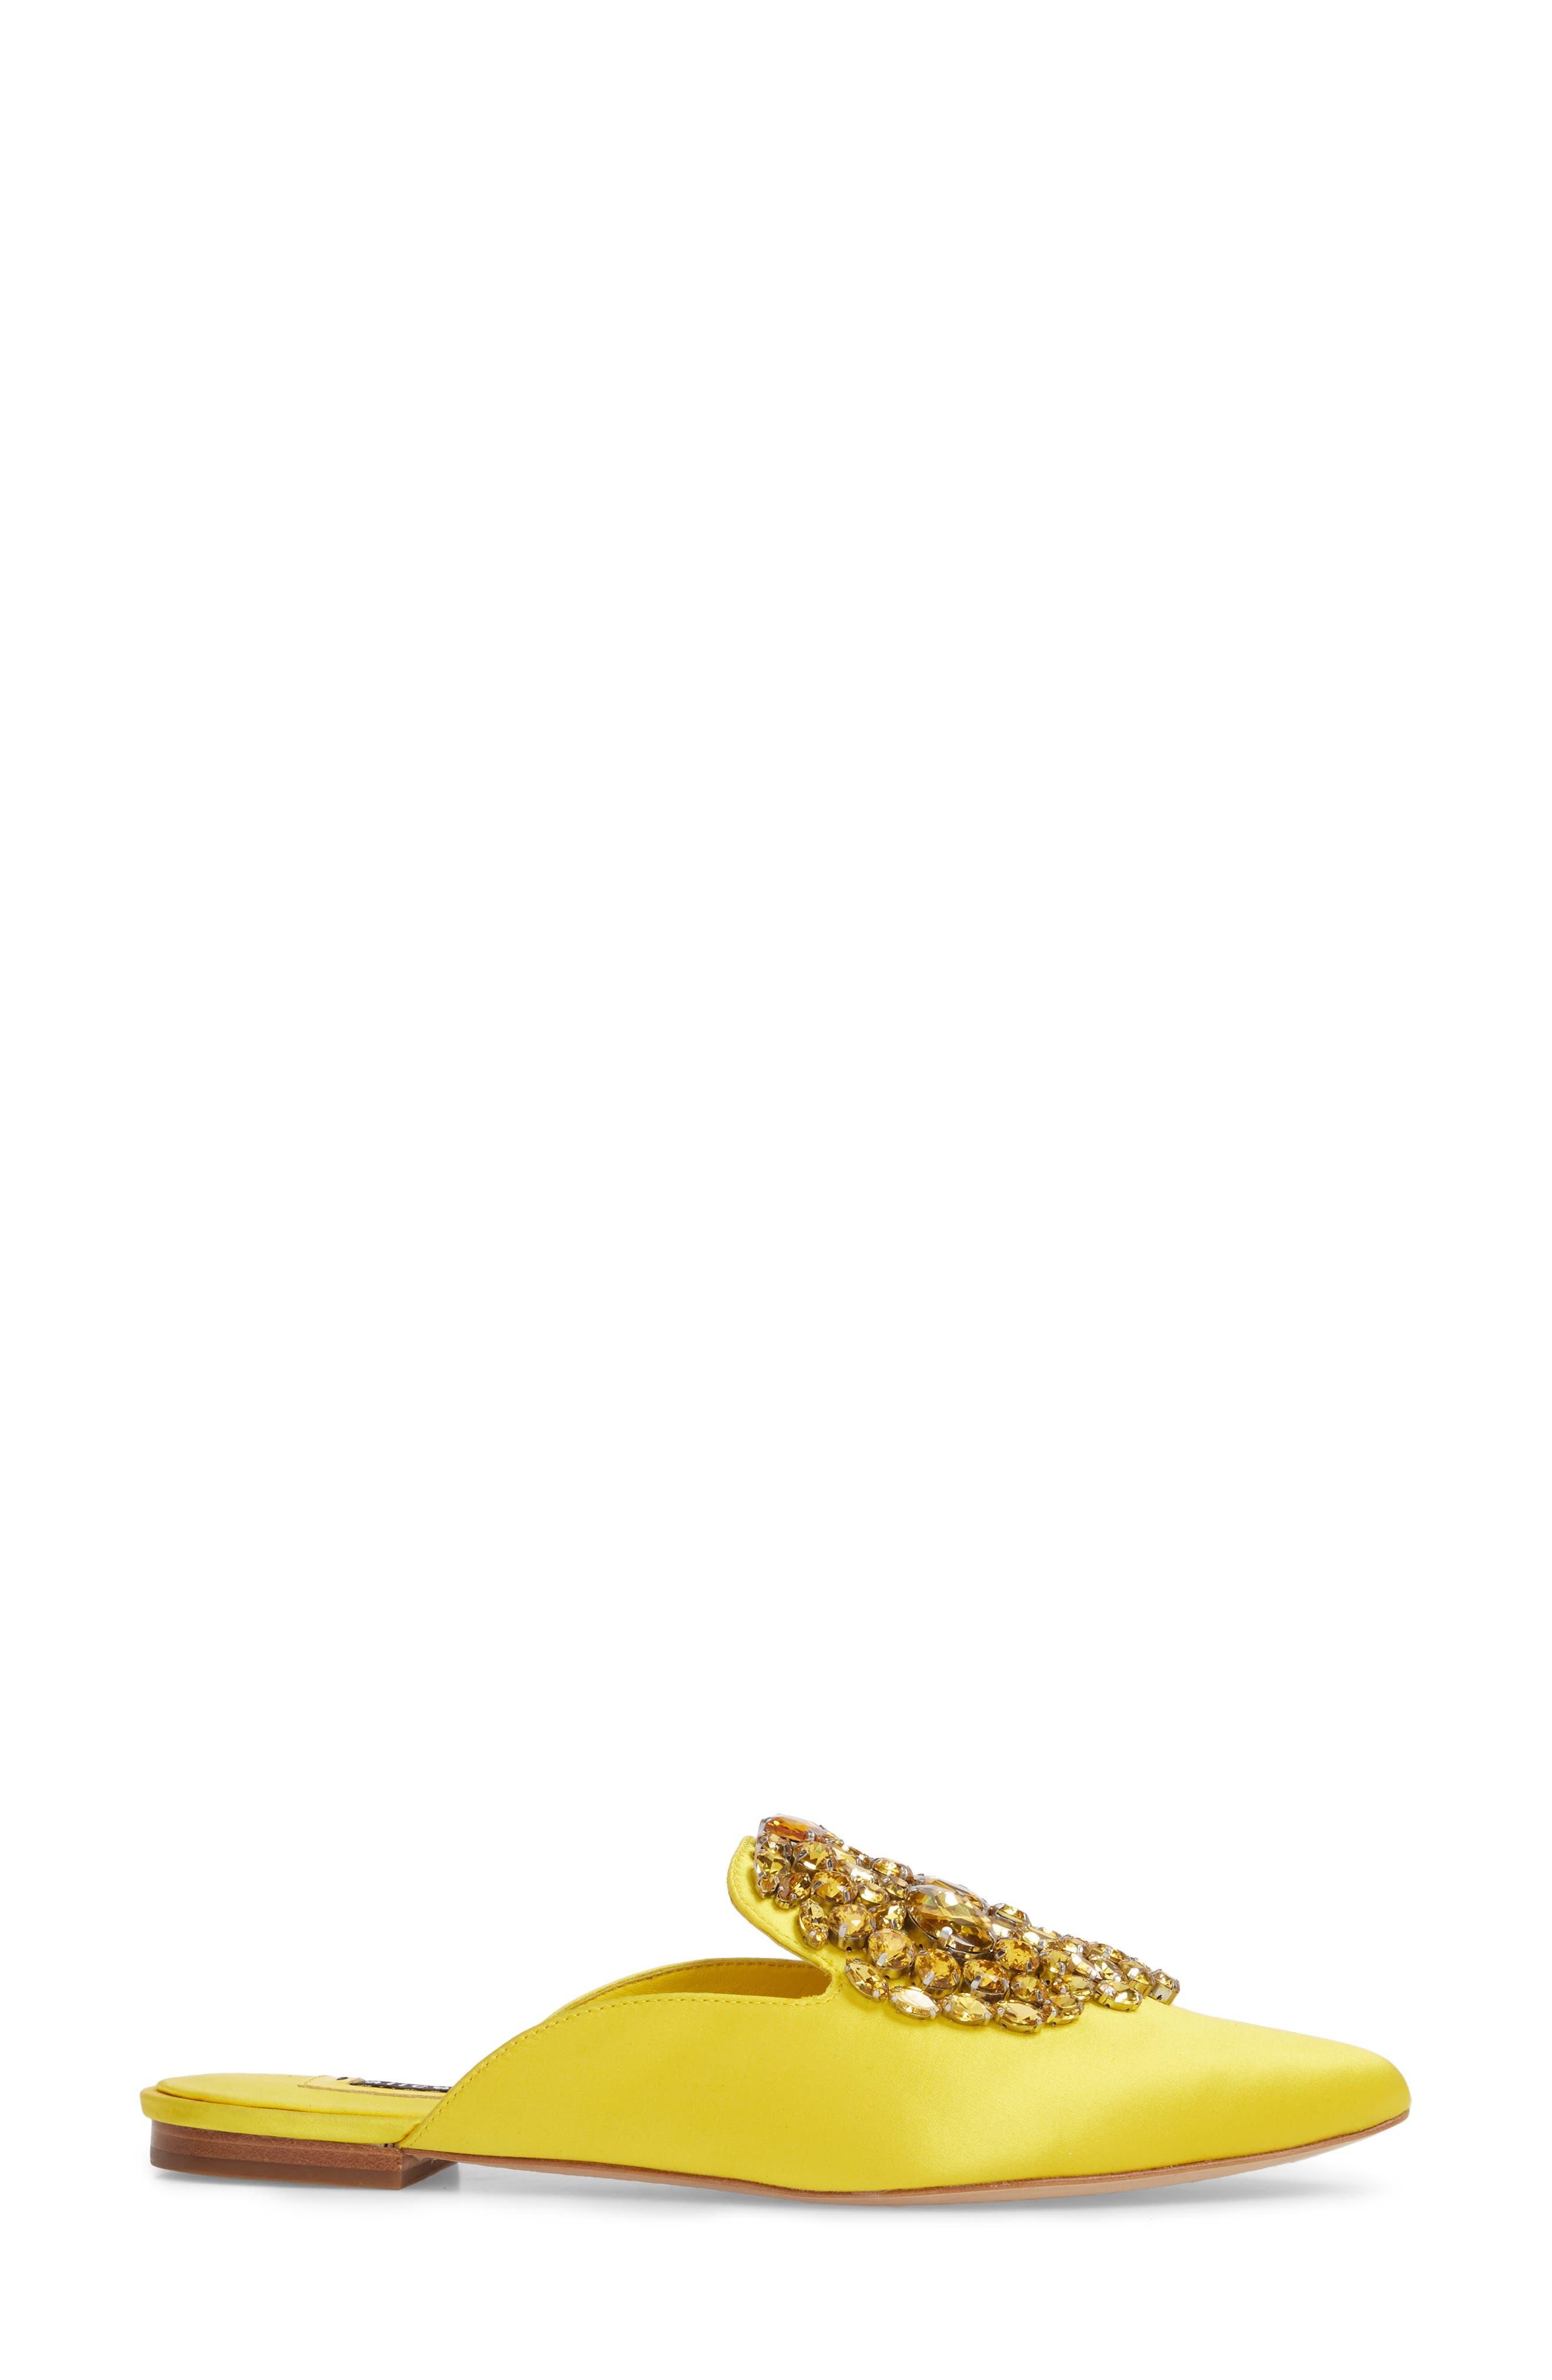 Lilly Crystal Embellished Loafer Mule,                             Alternate thumbnail 6, color,                             Dandelion